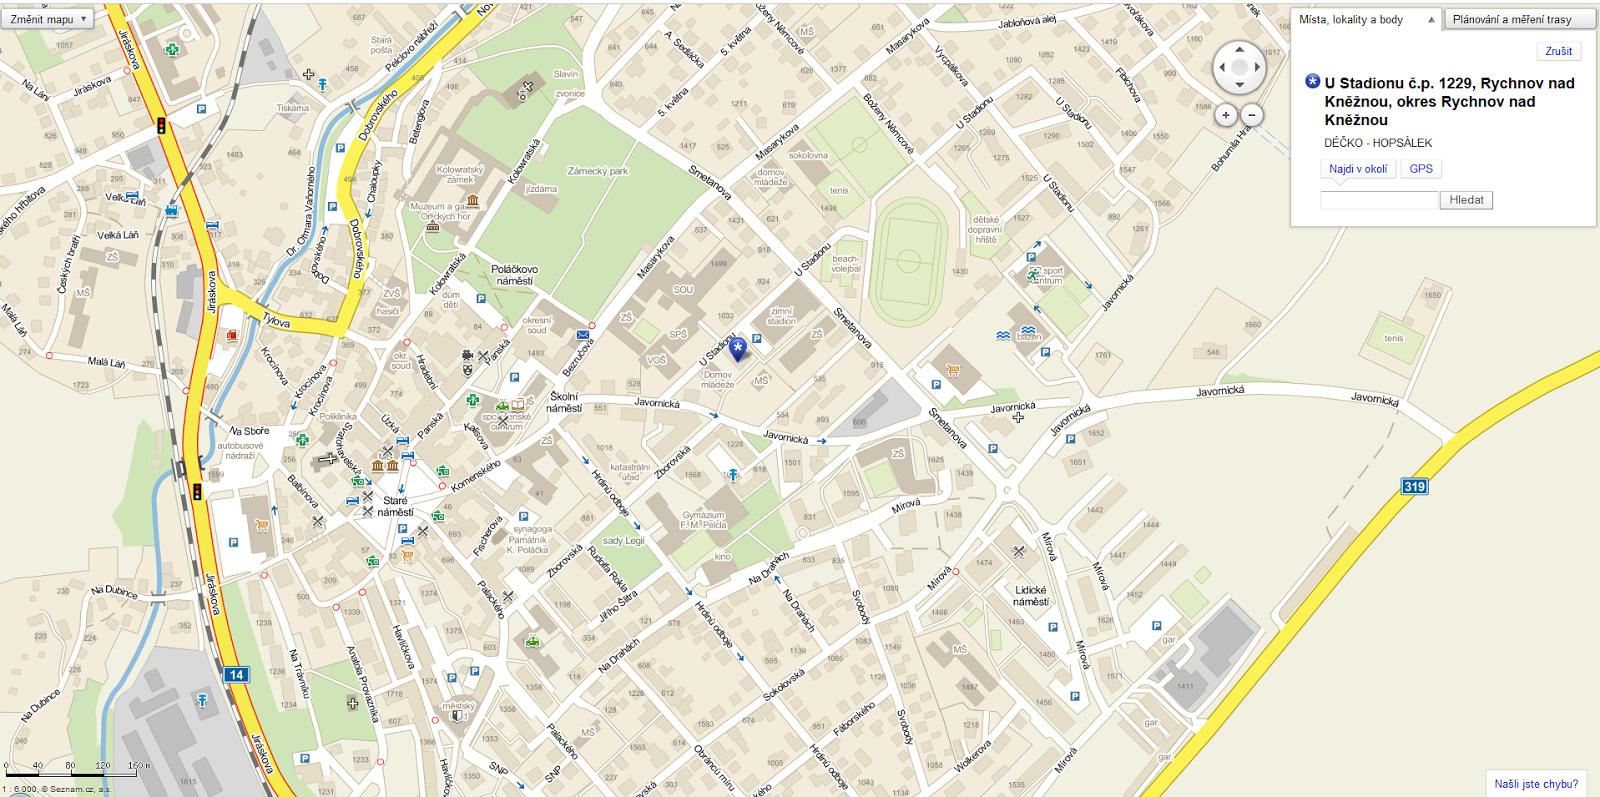 http://www.mapy.cz/s/dYZP